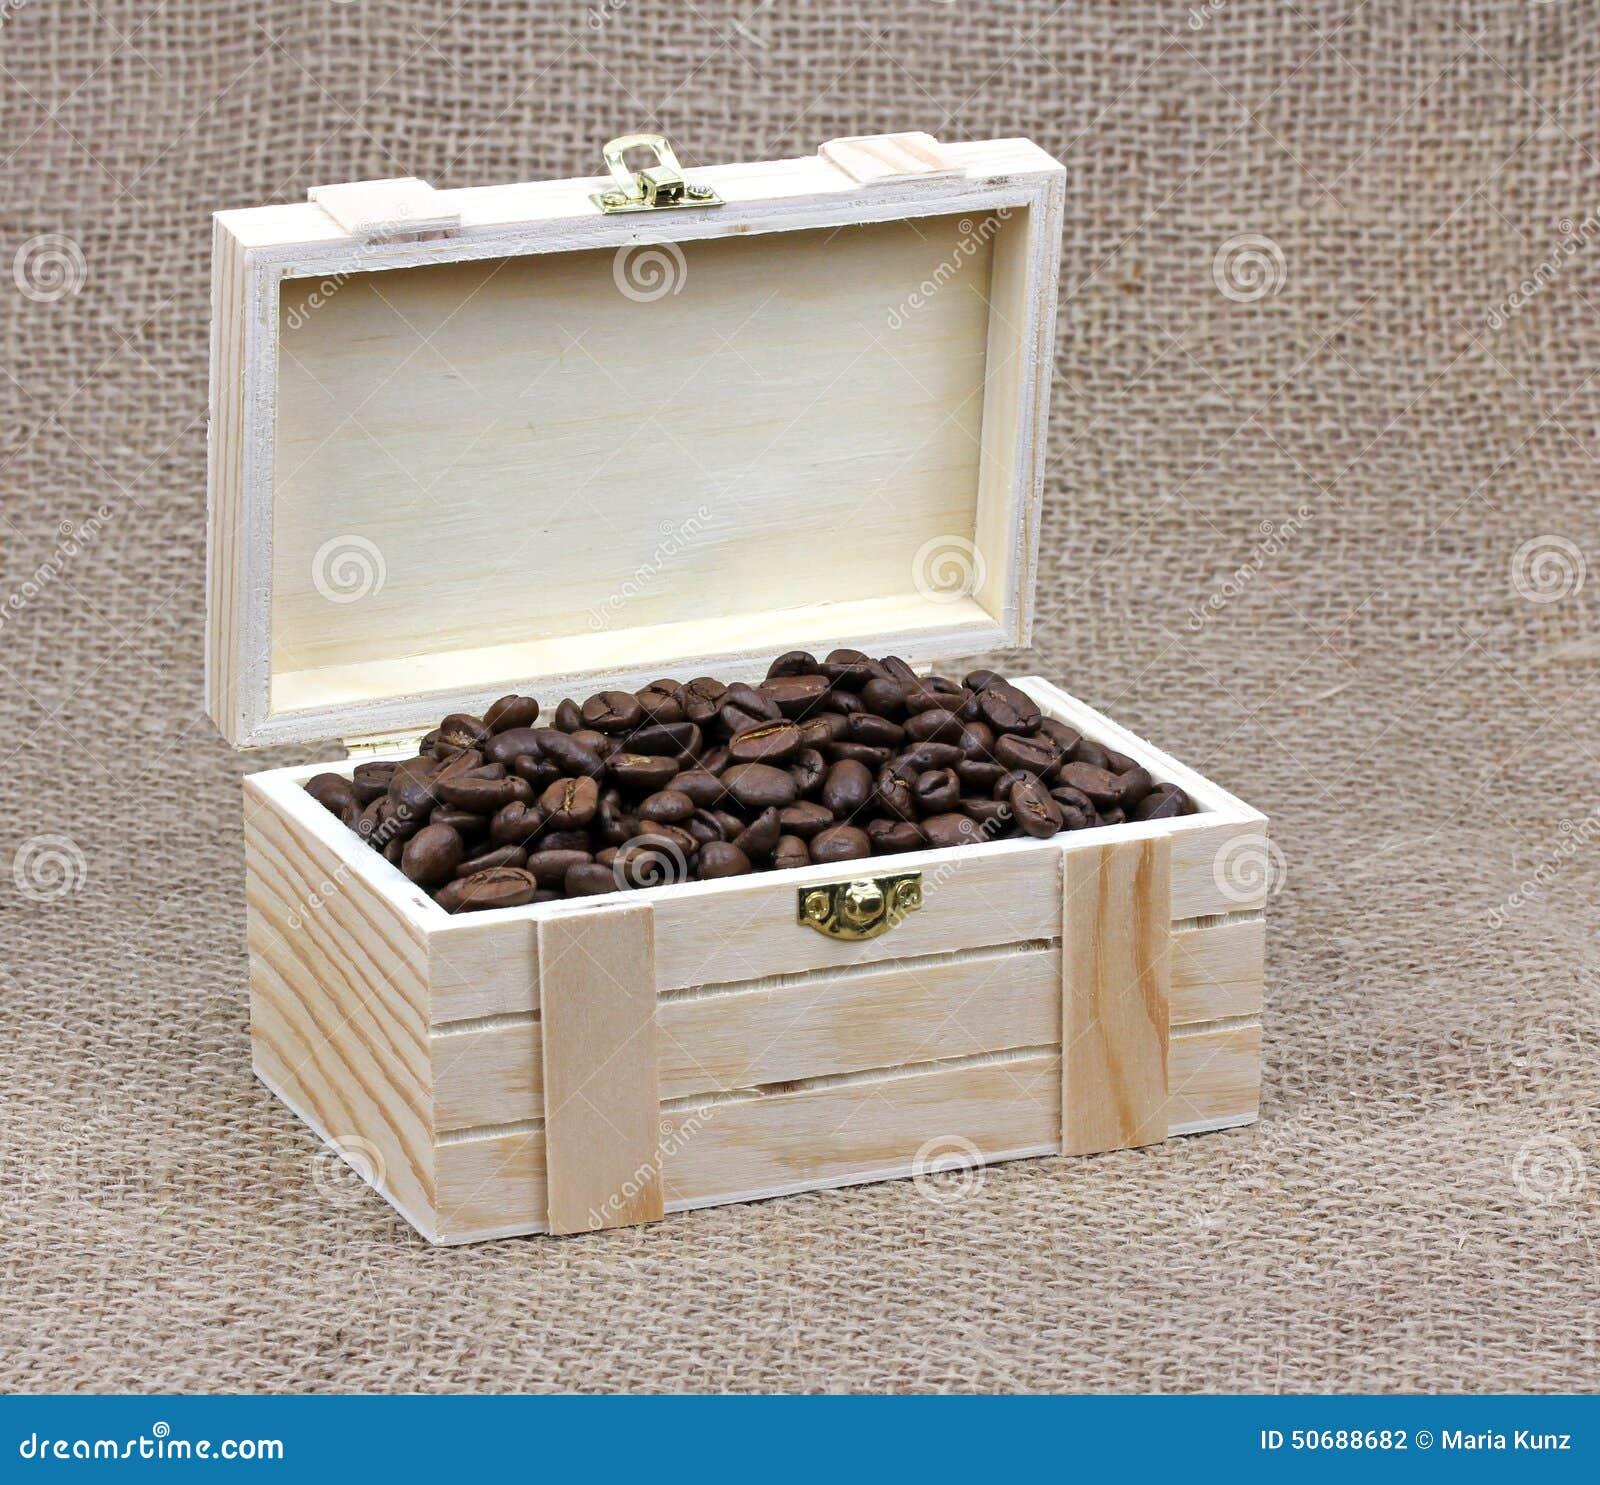 Download 在一个木箱的咖啡豆在帆布 库存照片. 图片 包括有 早晨, 咖啡馆, 热奶咖啡, 画布, 口味, 棚车, 亚麻布 - 50688682